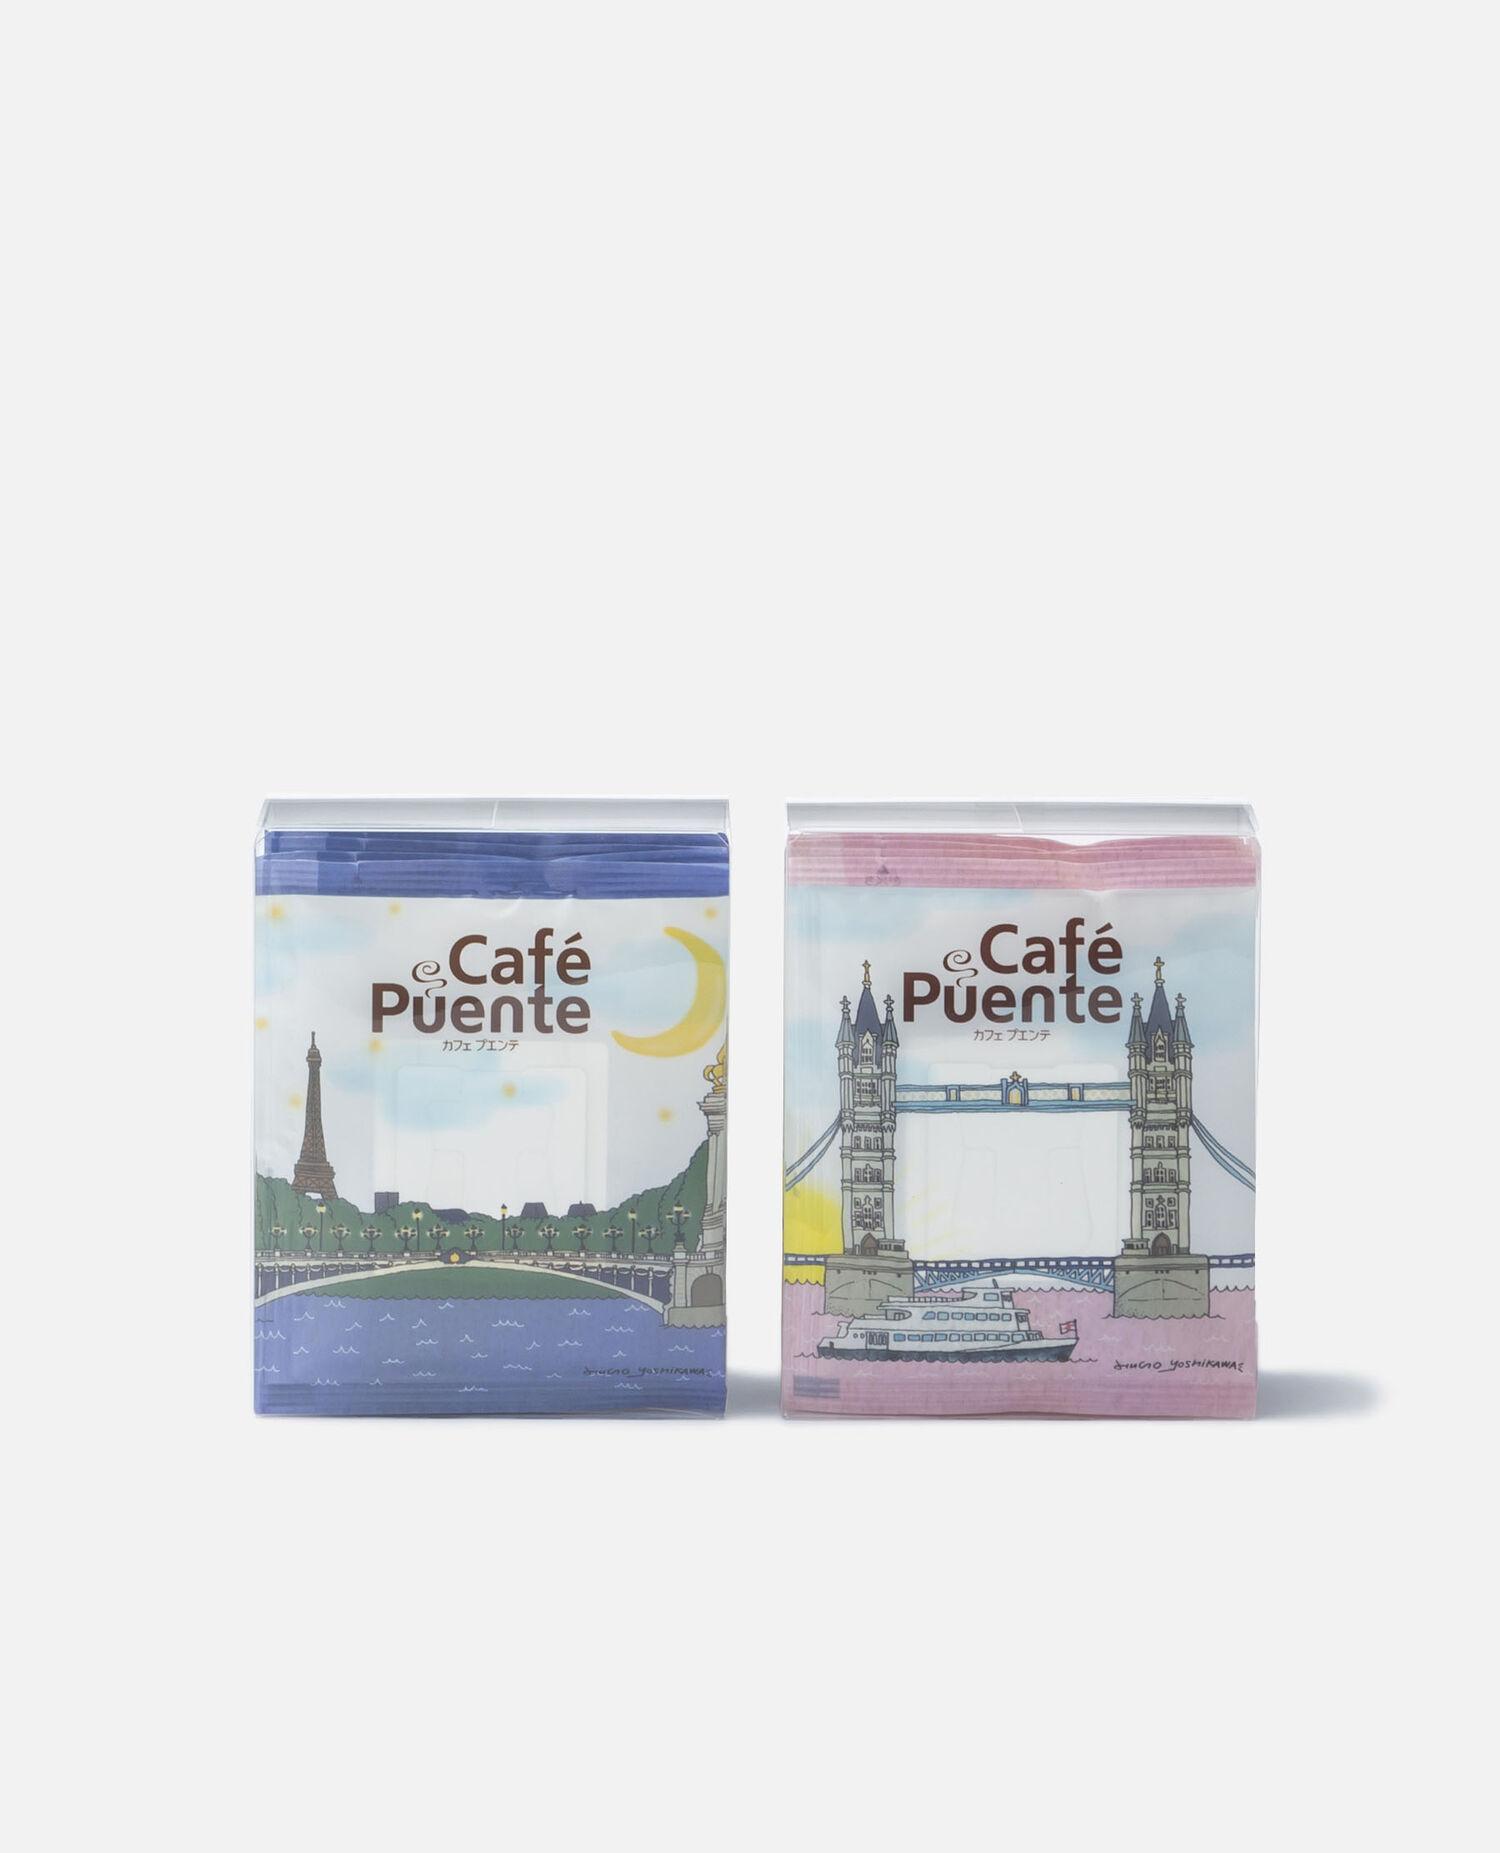 コーヒー ドリップバッグ Cafe Puente10個入